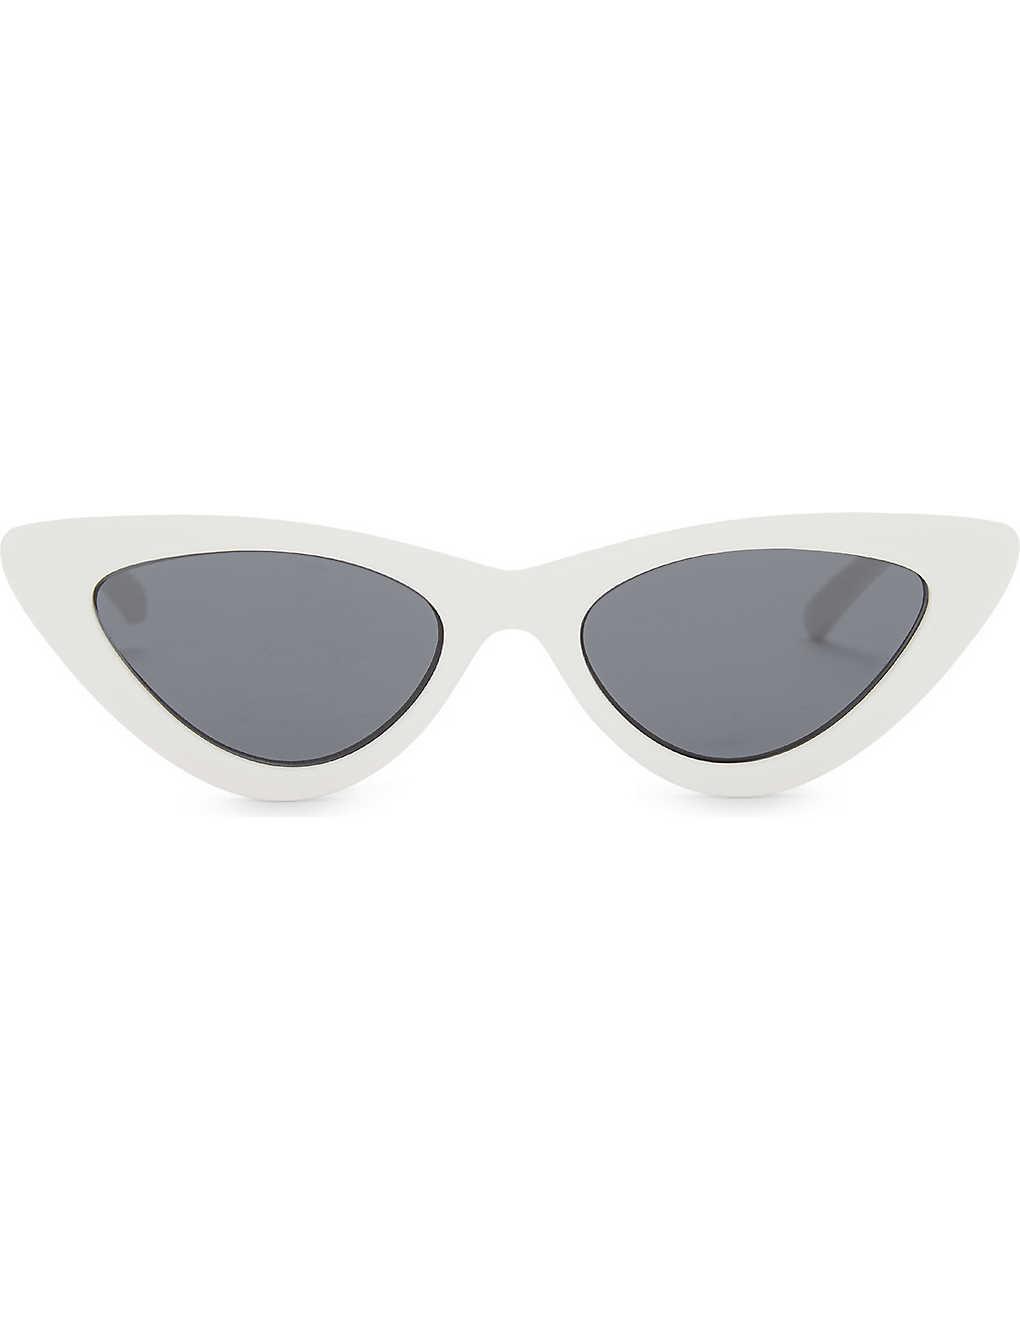 28b994f3af950 LE SPECS - The Last Lolita cat-eye sunglasses